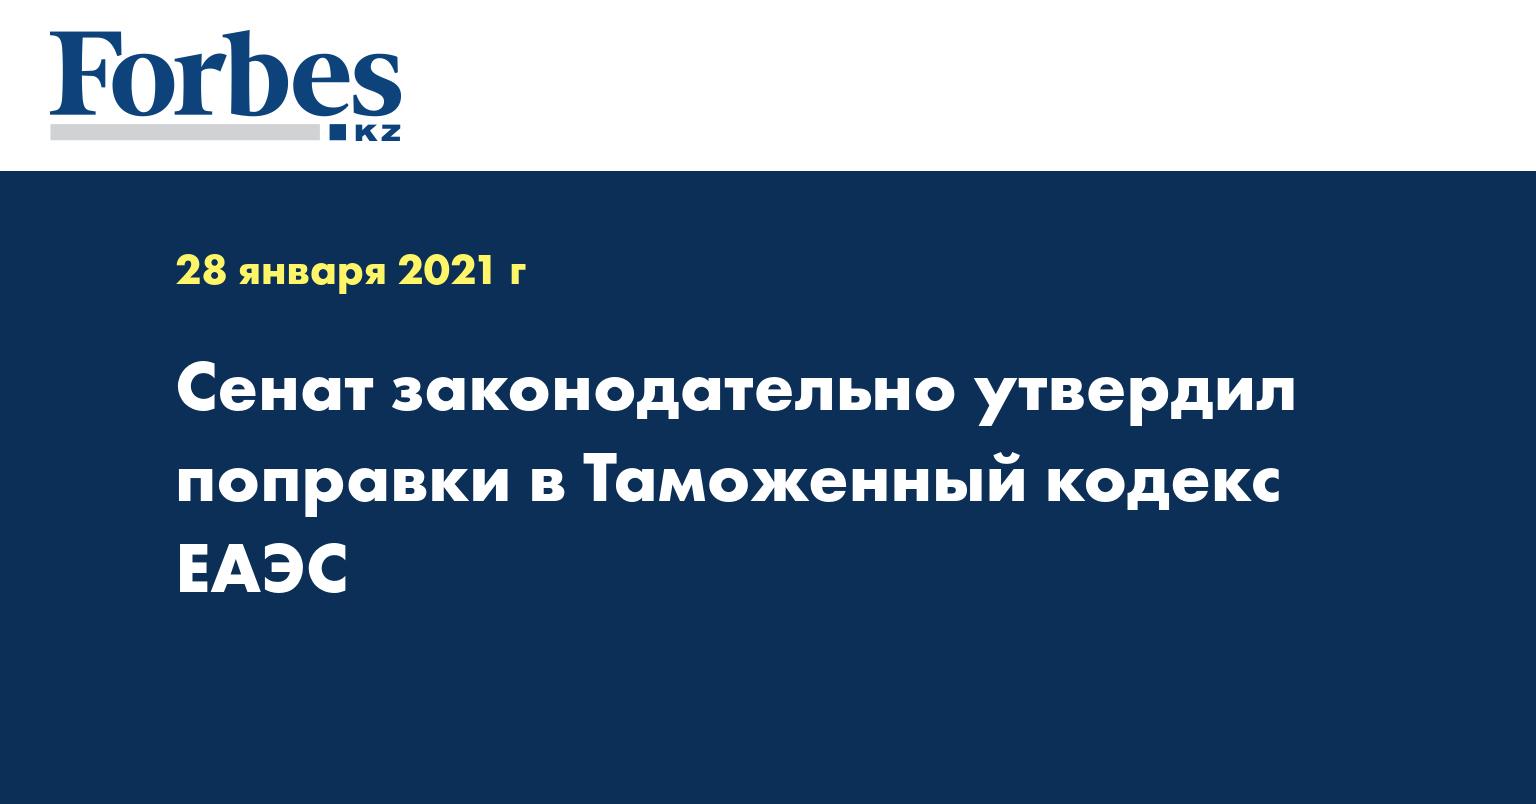 Сенат законодательно утвердил поправки в Таможенный кодекс ЕАЭС